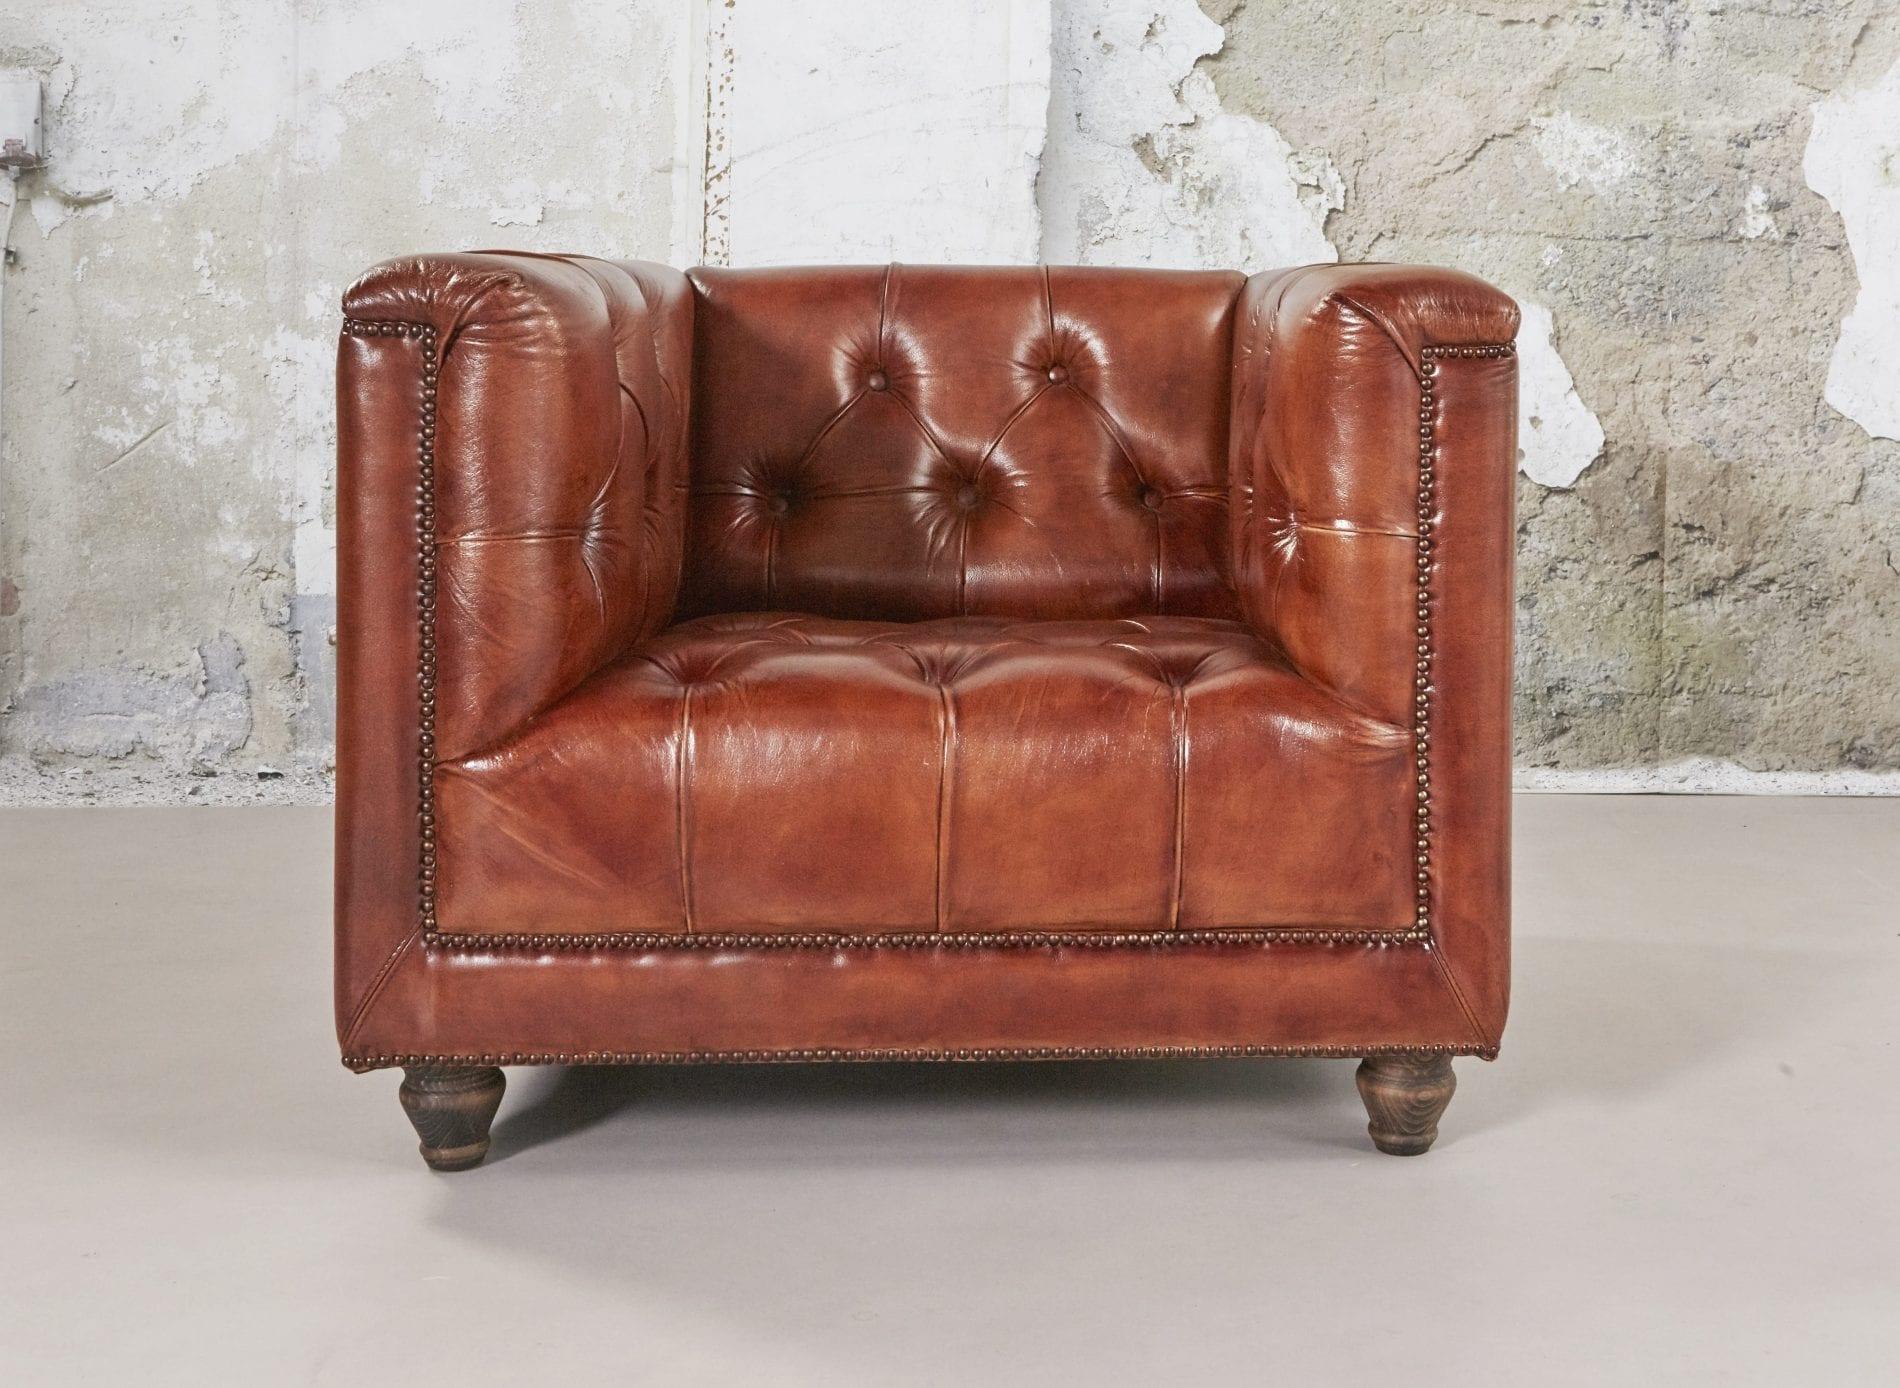 Delta-chesterfield-eigentijds-stoel-Boston-vintage-cognac-vooraanzicht